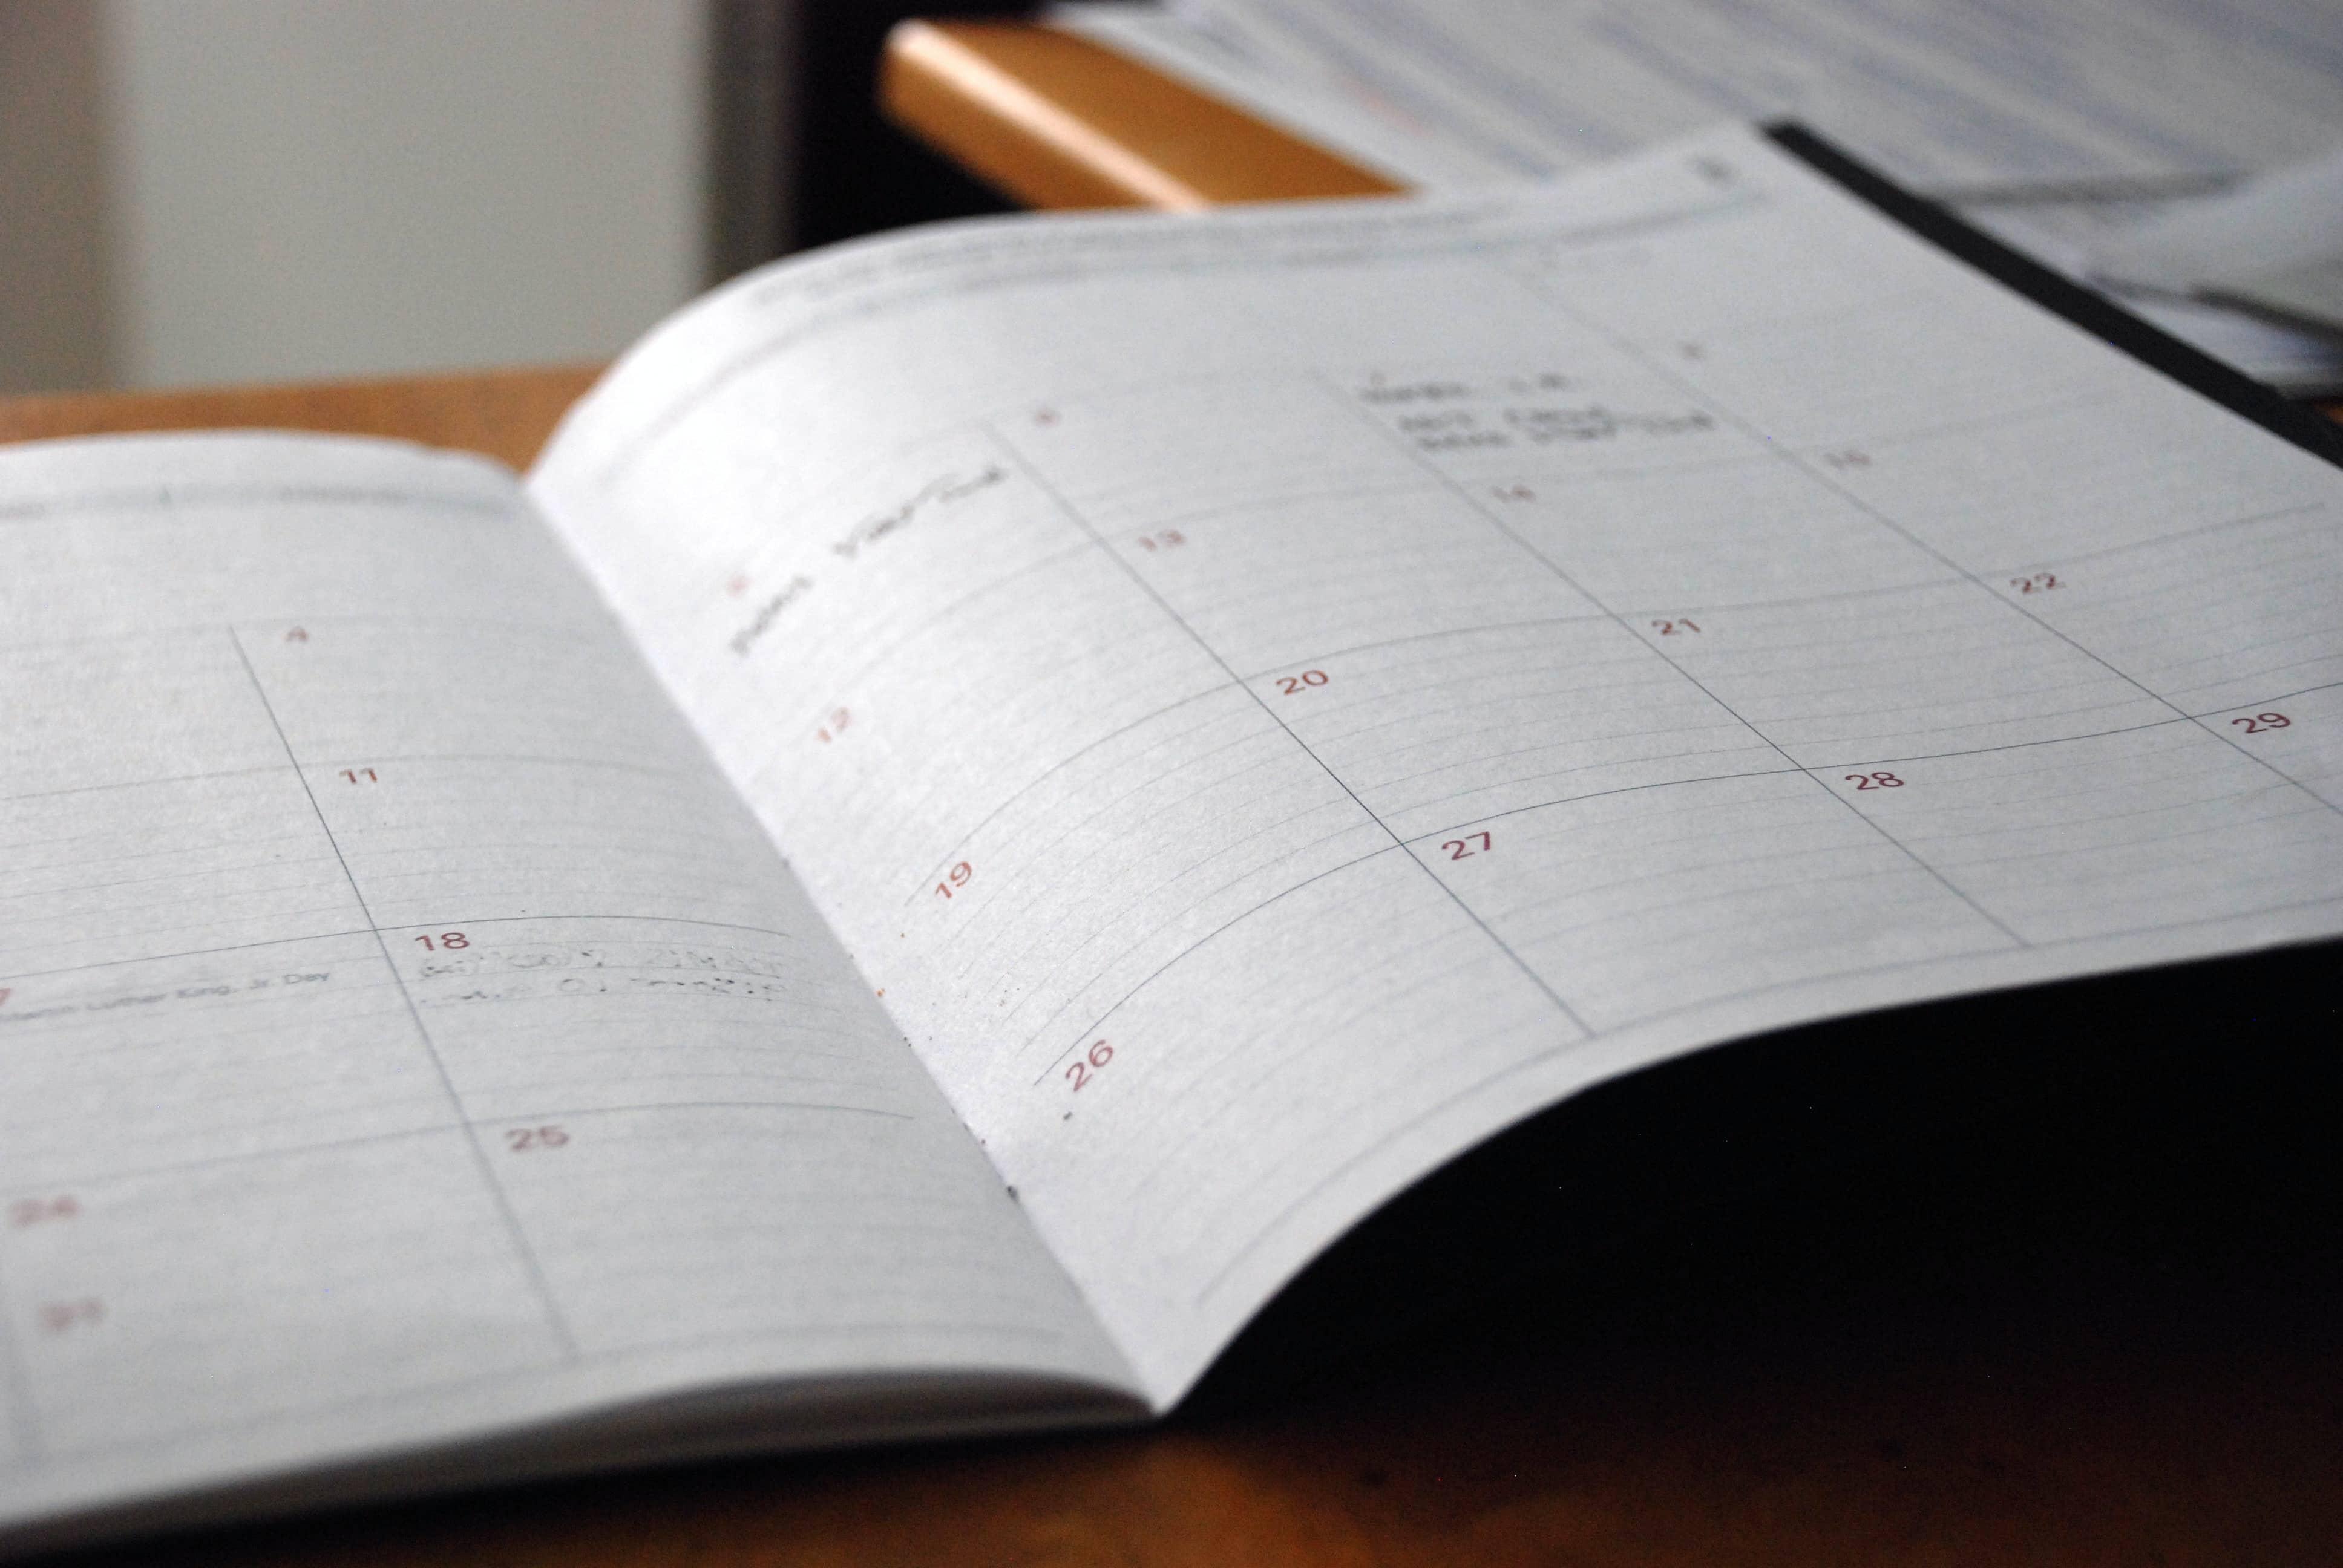 calendar on table